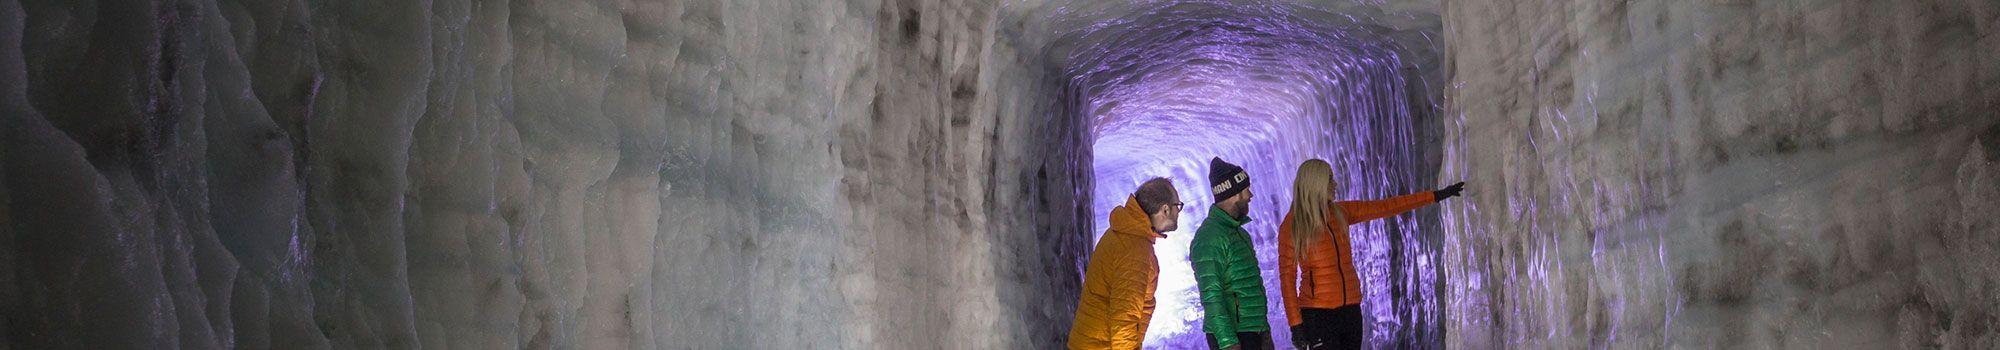 IntoTheGlacier-Iceland-IceCave